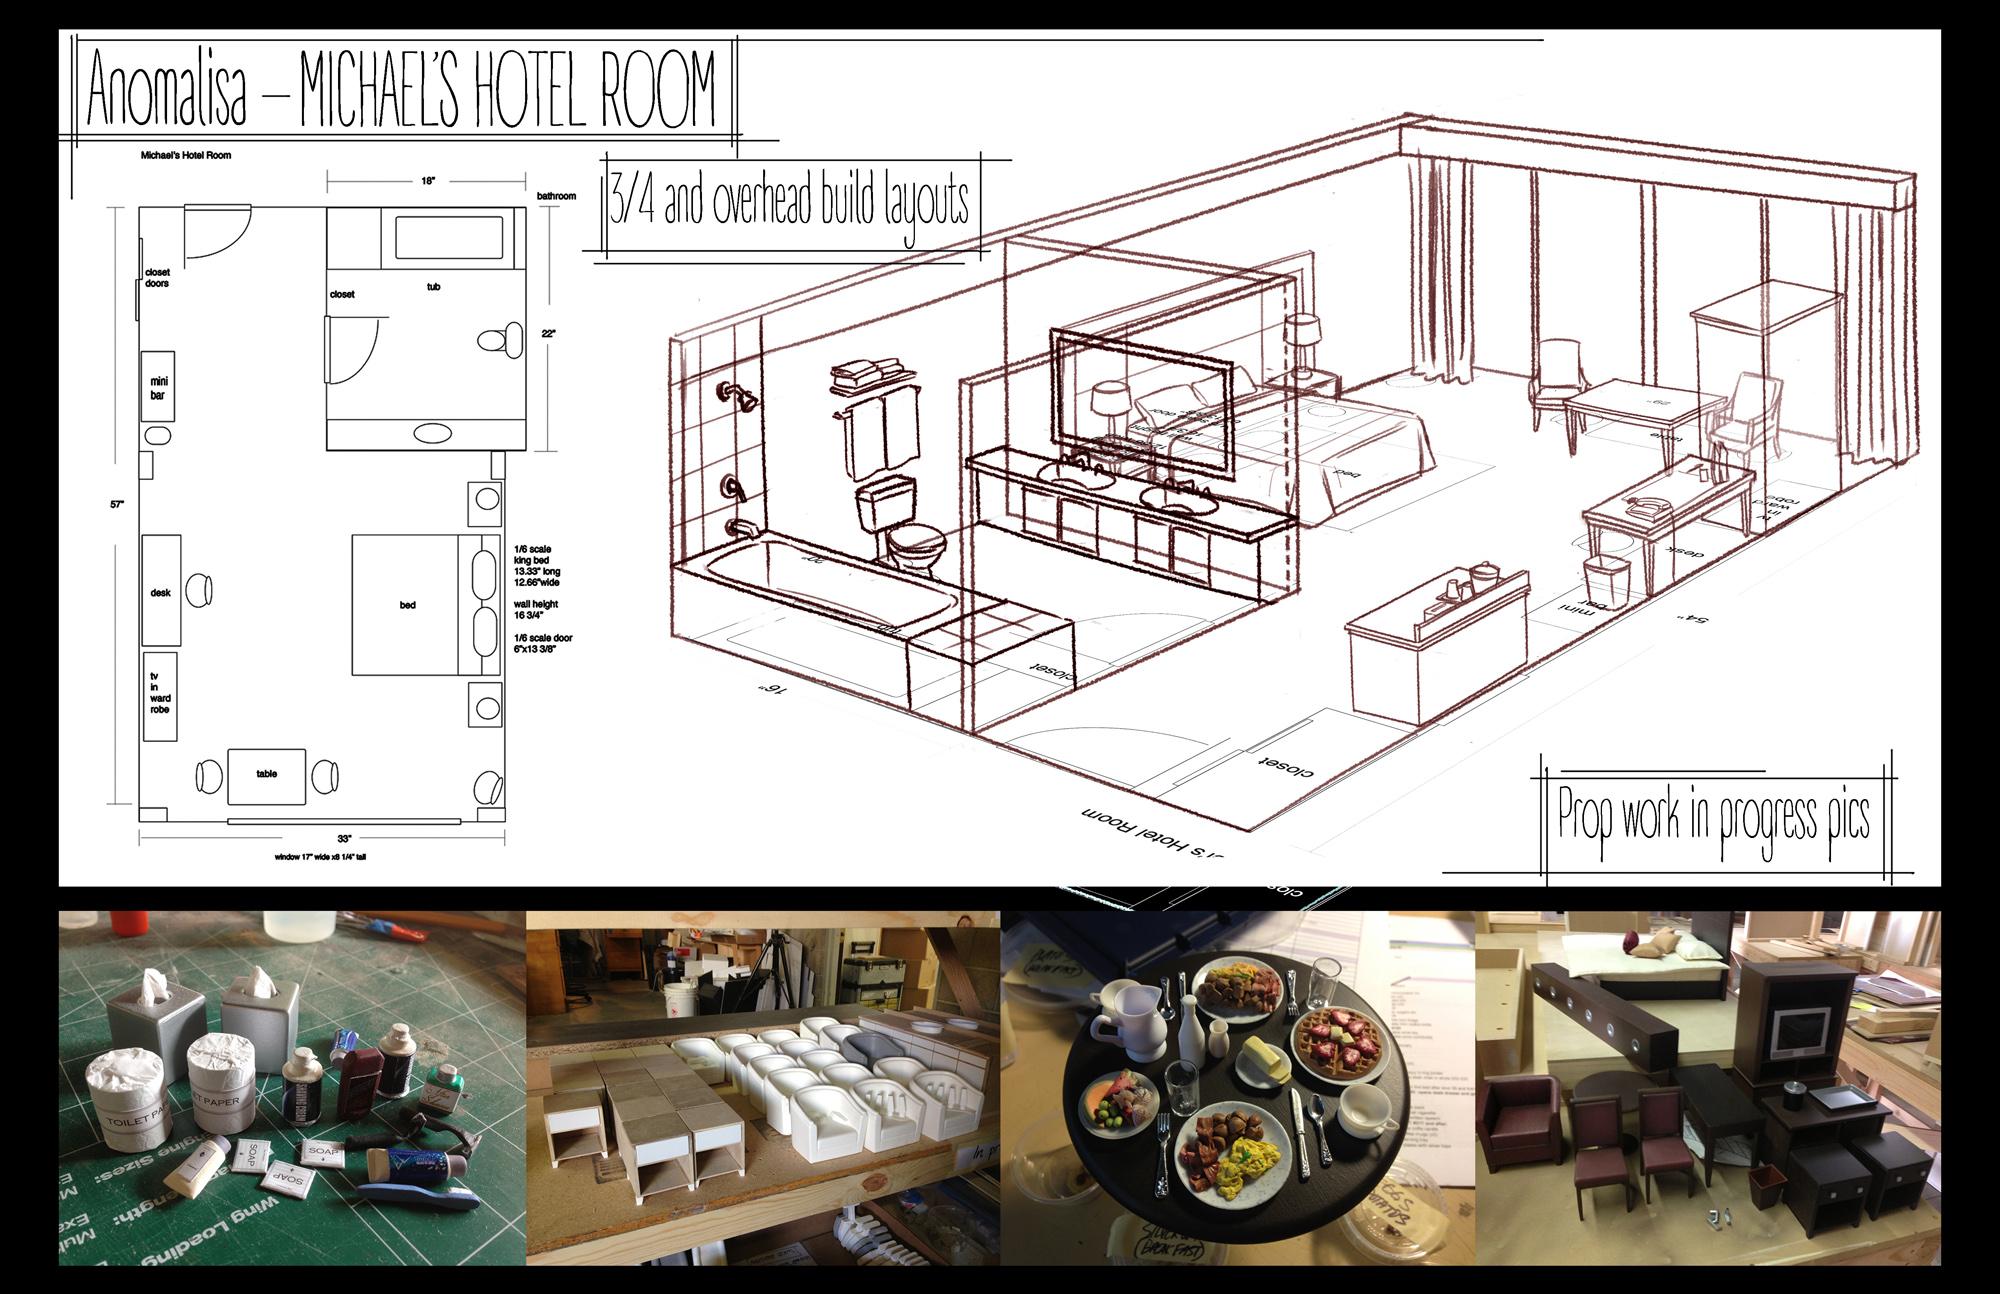 Michael's Hotel Room Floor Plan